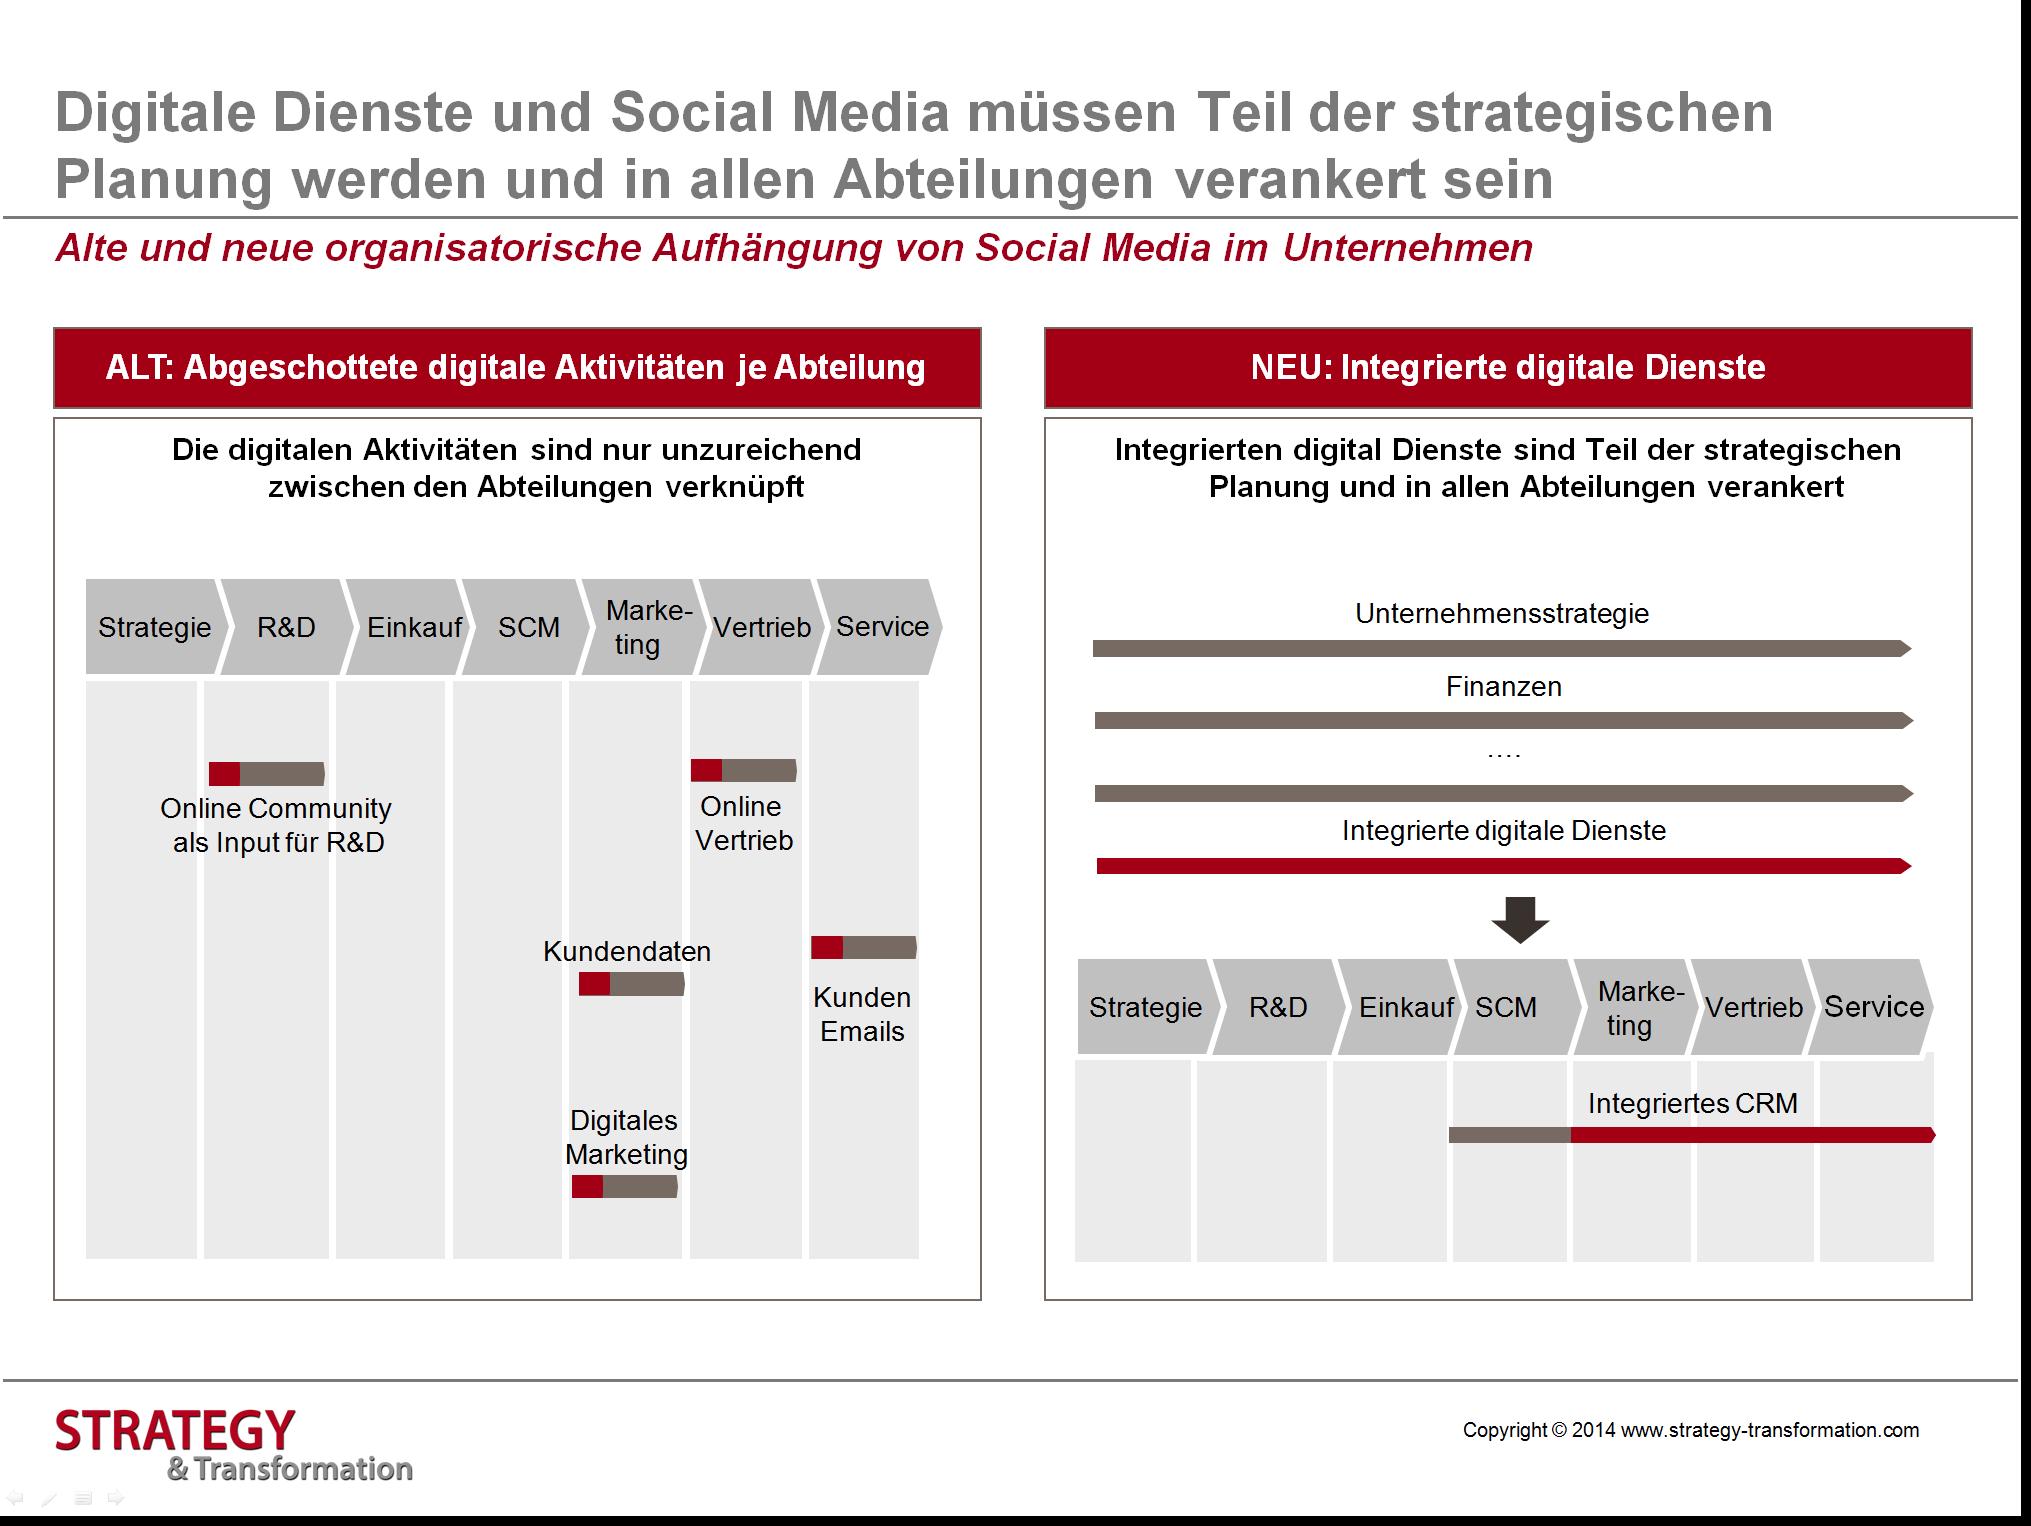 Social Media verstehen_Organisatorische Aufhängung